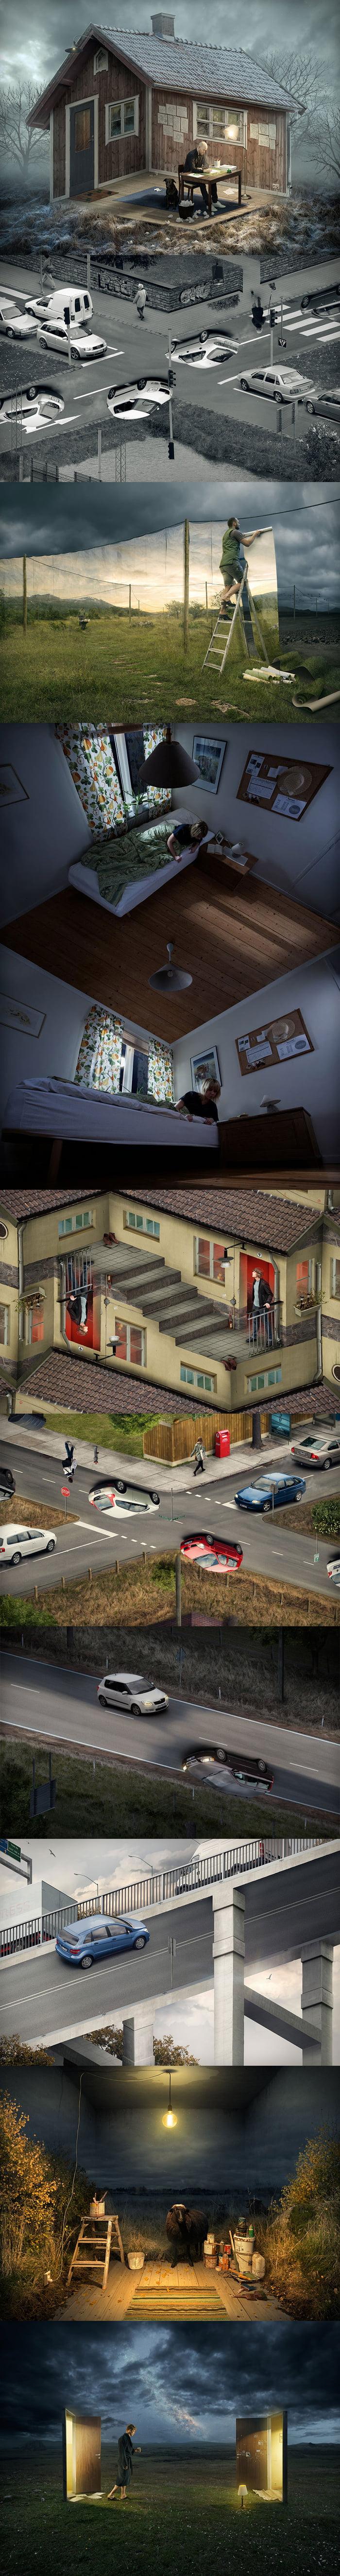 Mind-Bending Optical Illusions By Swedish Photoshop Master Erik Johansson